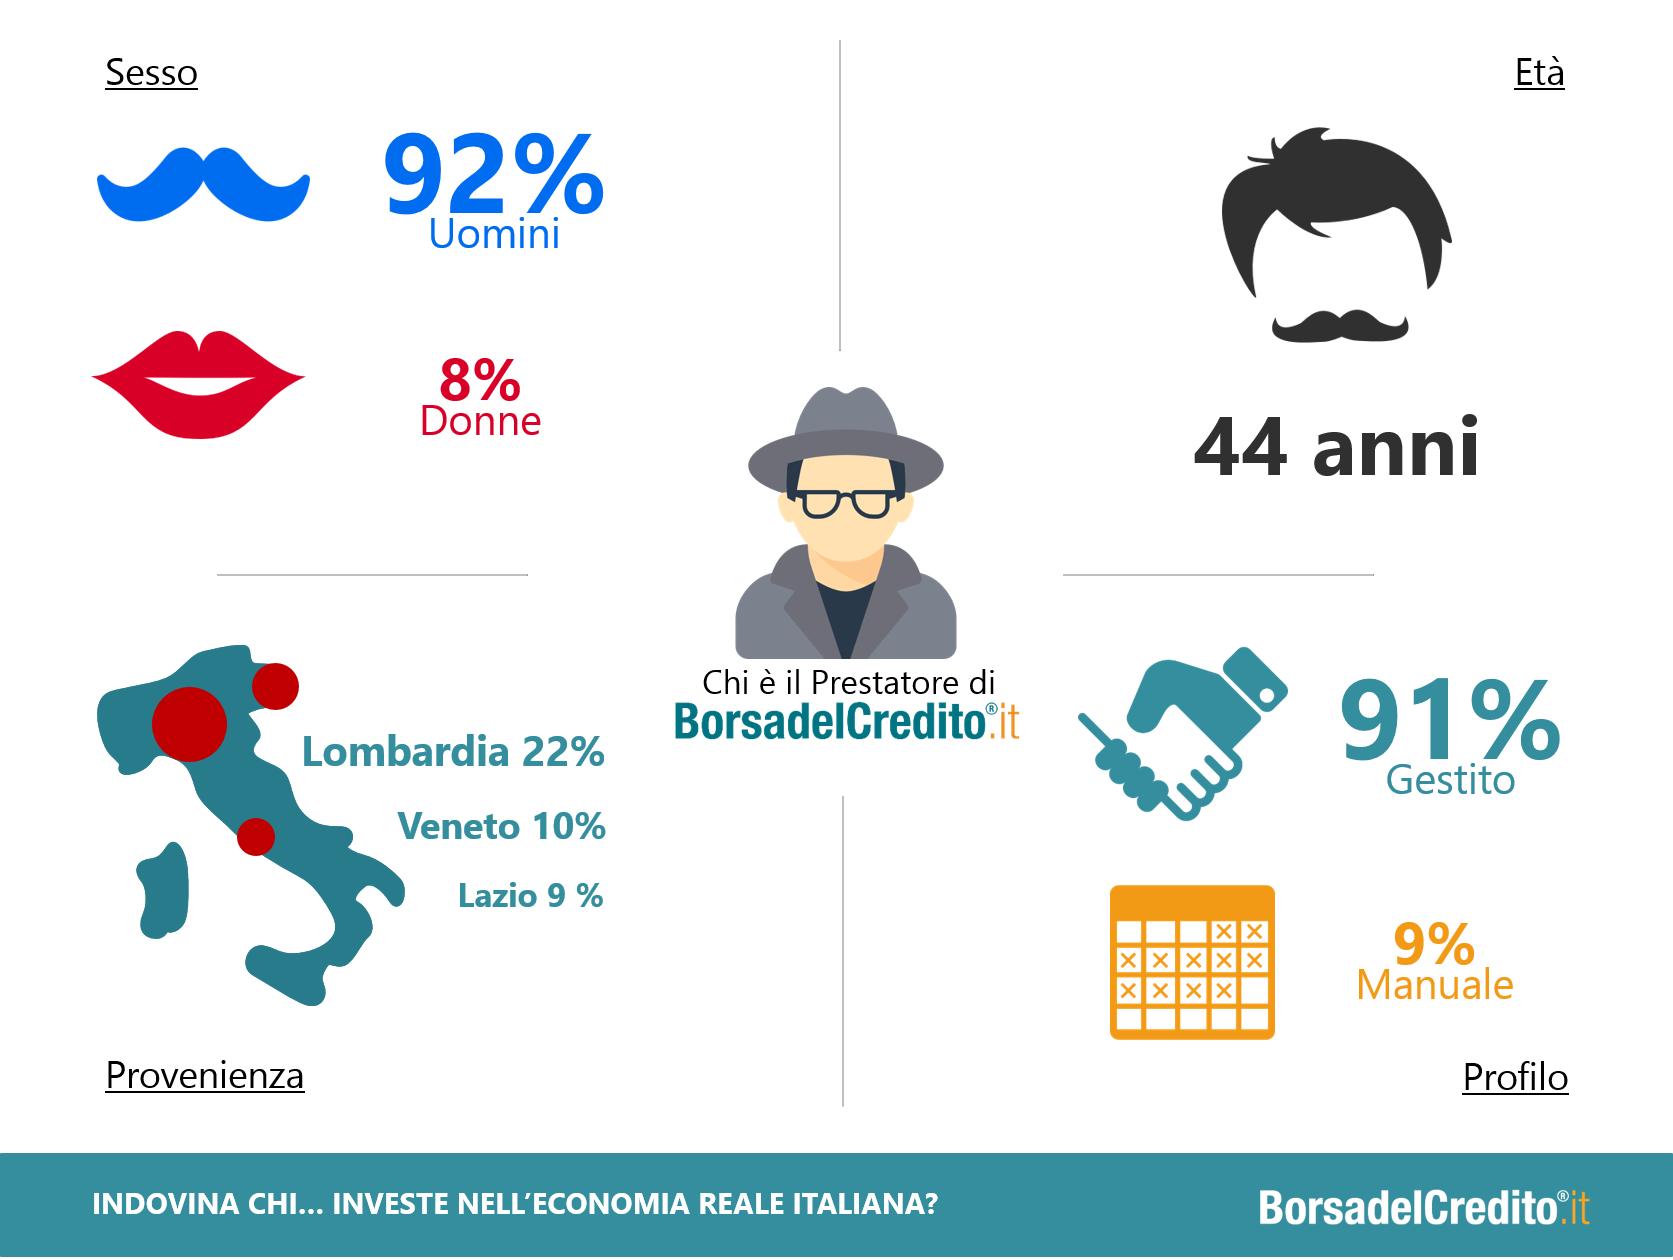 infografica-borsadelcredito-prestatore